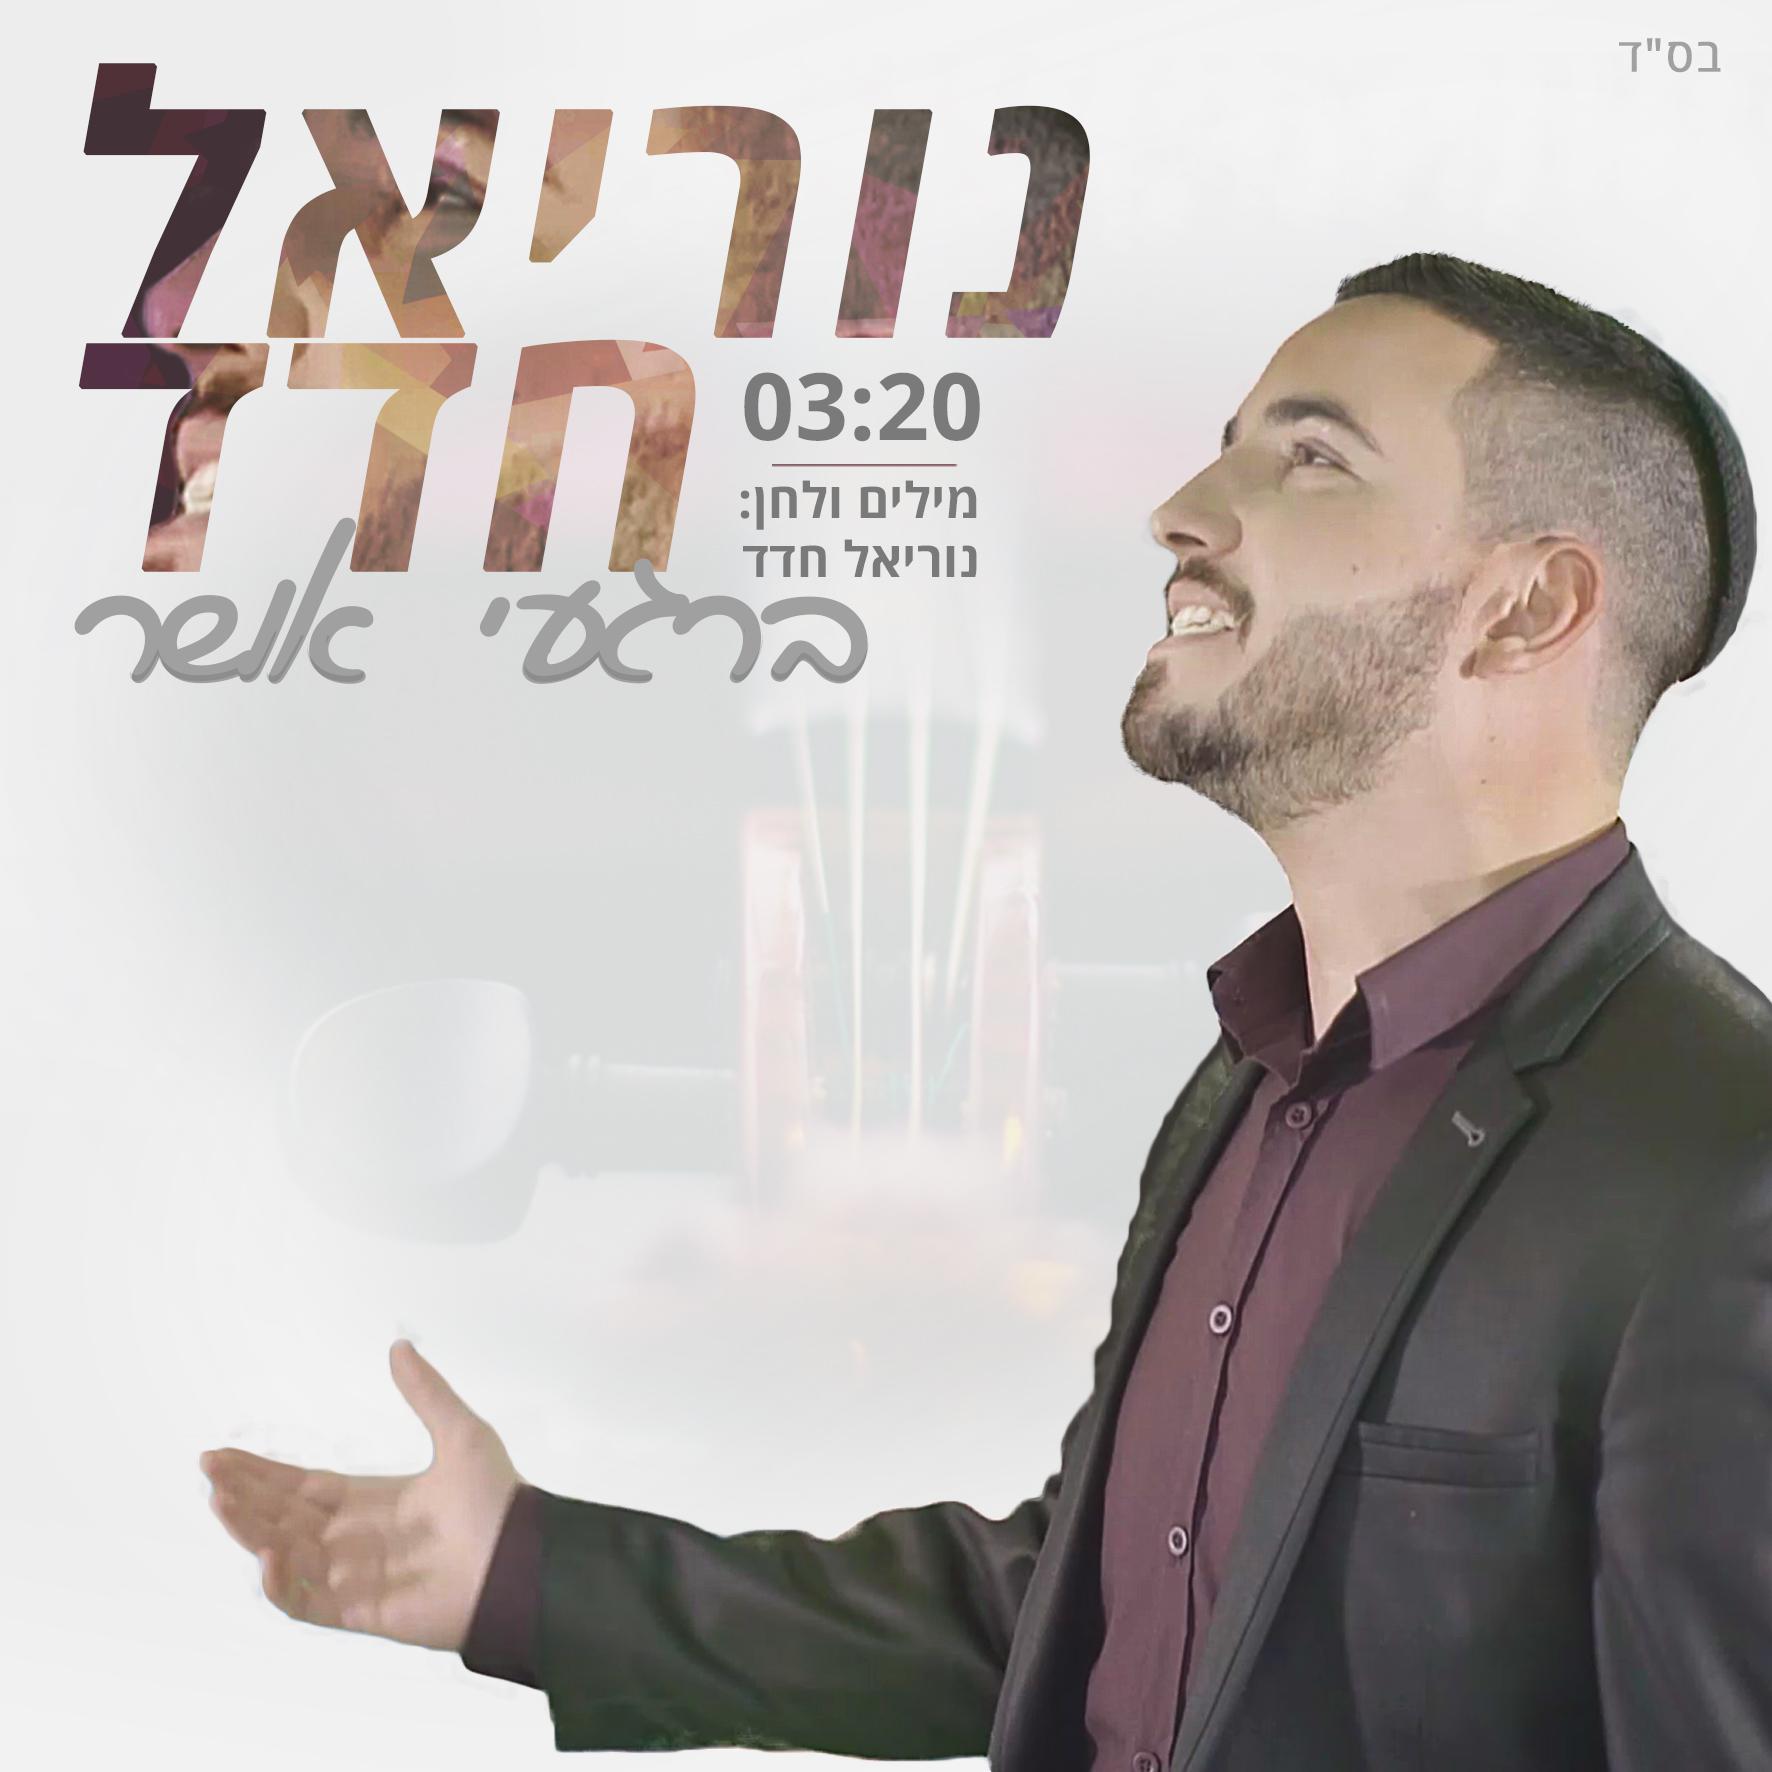 האזינו לשירו החדש של נוריאל חדד: 'רגעי אושר'